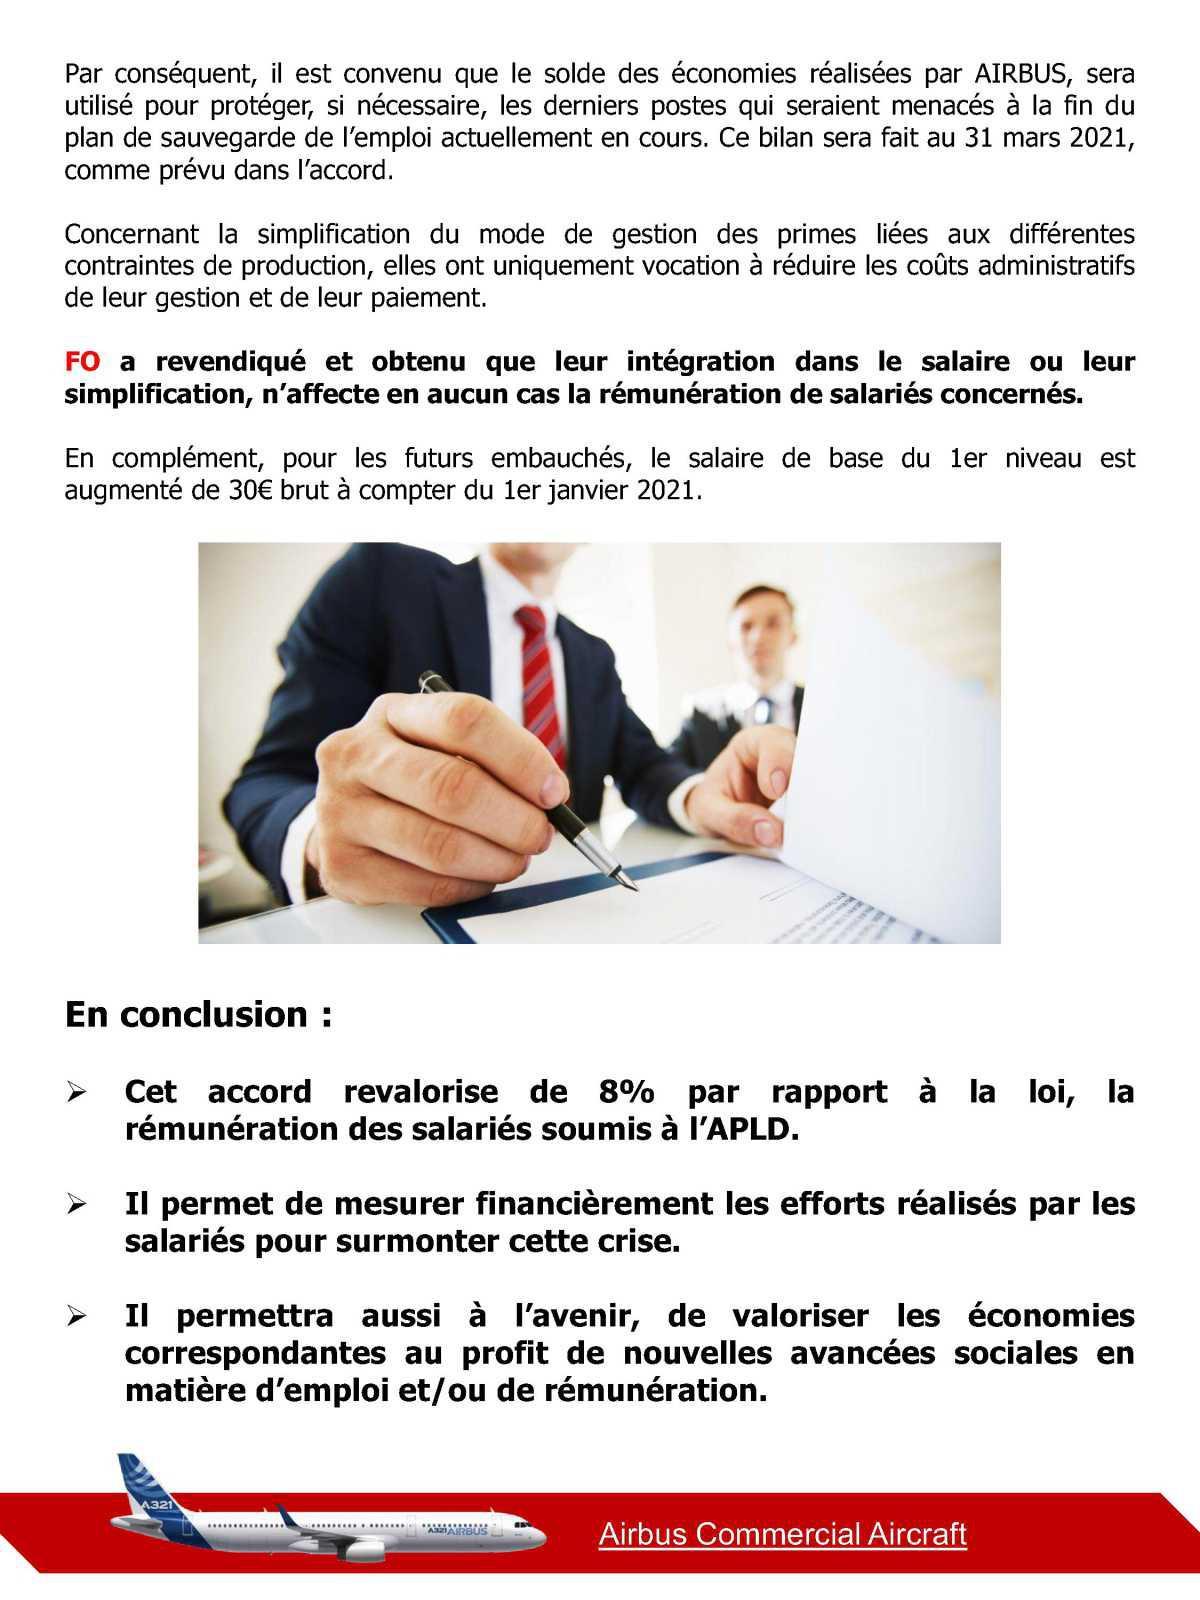 FO signe l'accord sur la rémunération de l' APLD à 92%